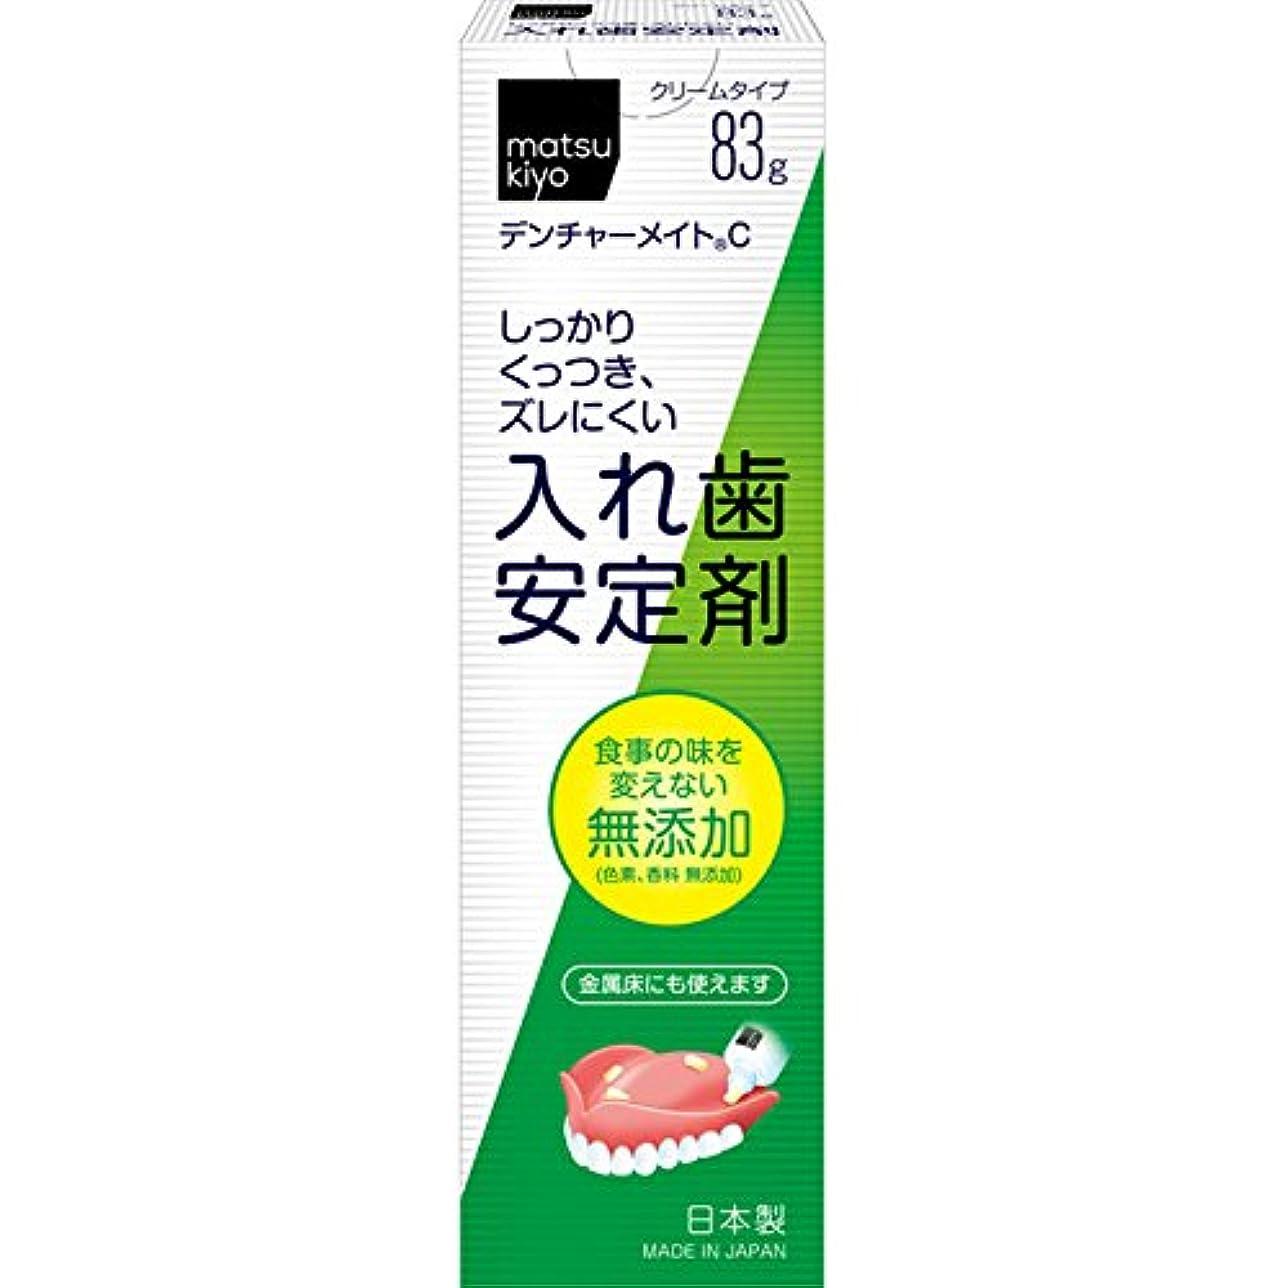 電気のベックス体操matsukiyo 入れ歯安定剤 無添加 83g